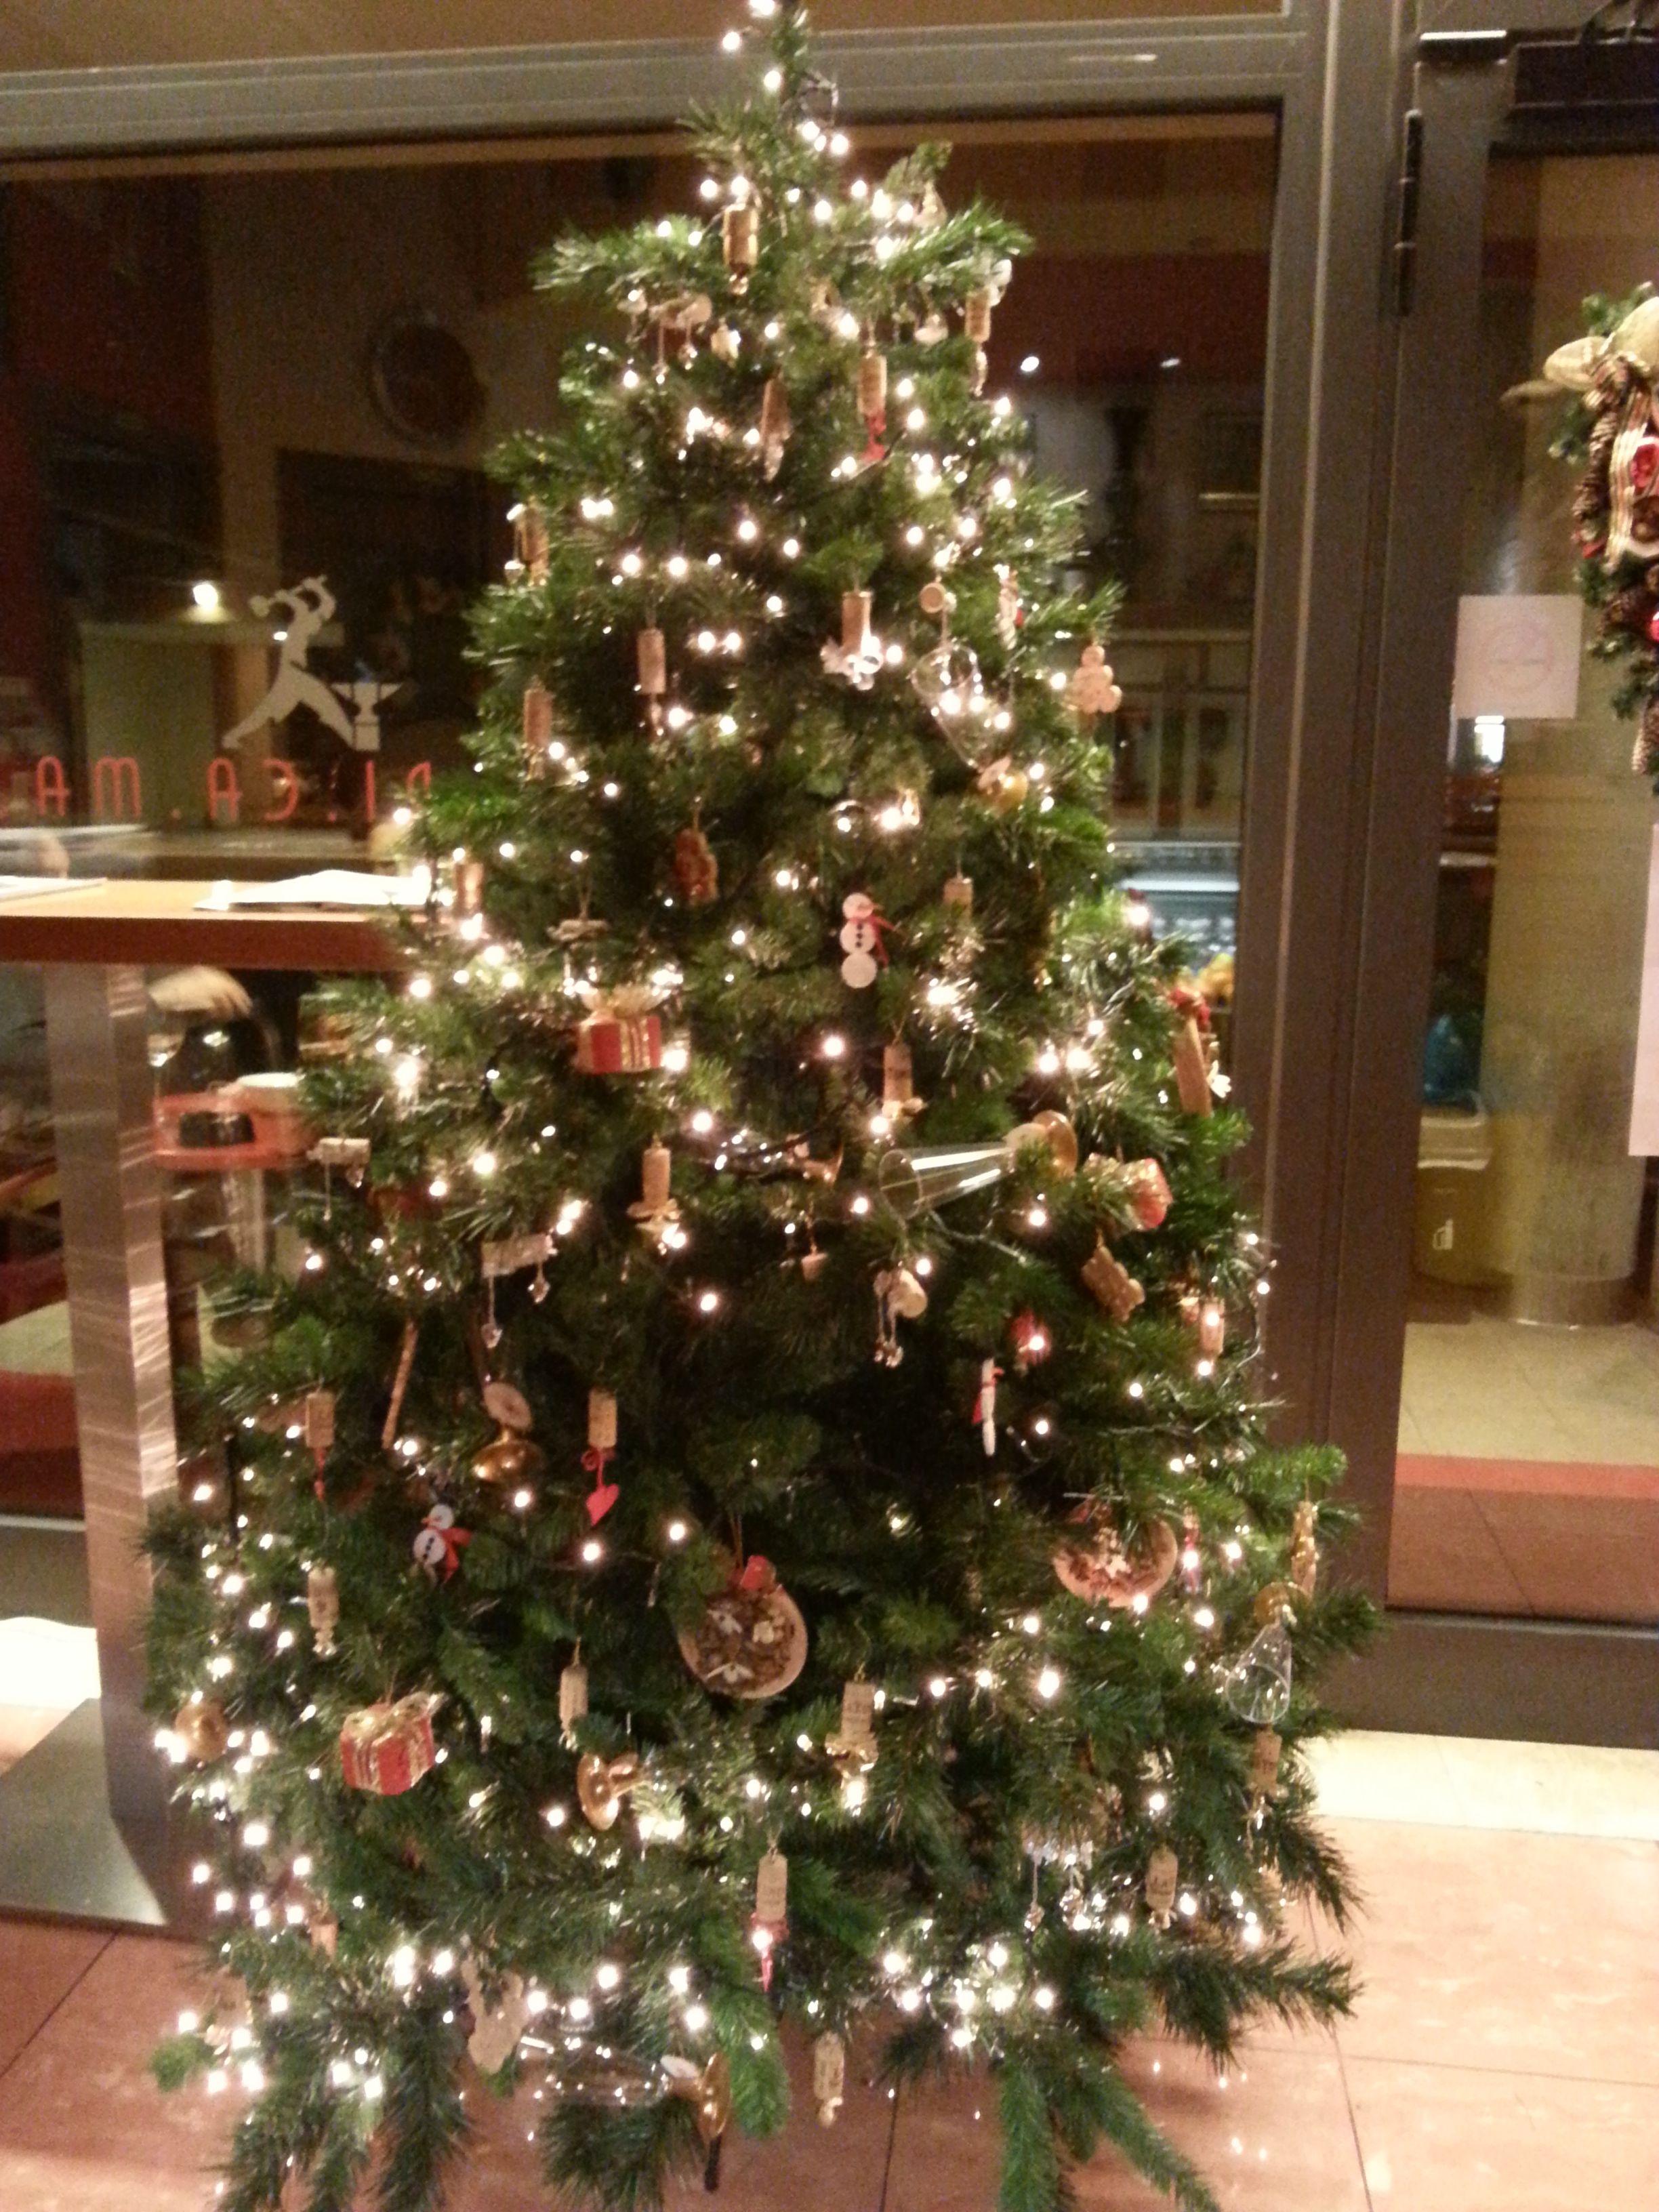 Alberi Di Natale Addobbati Foto.Albero Di Natale Addobbato Con I Tappi Di Sughero Di Donata